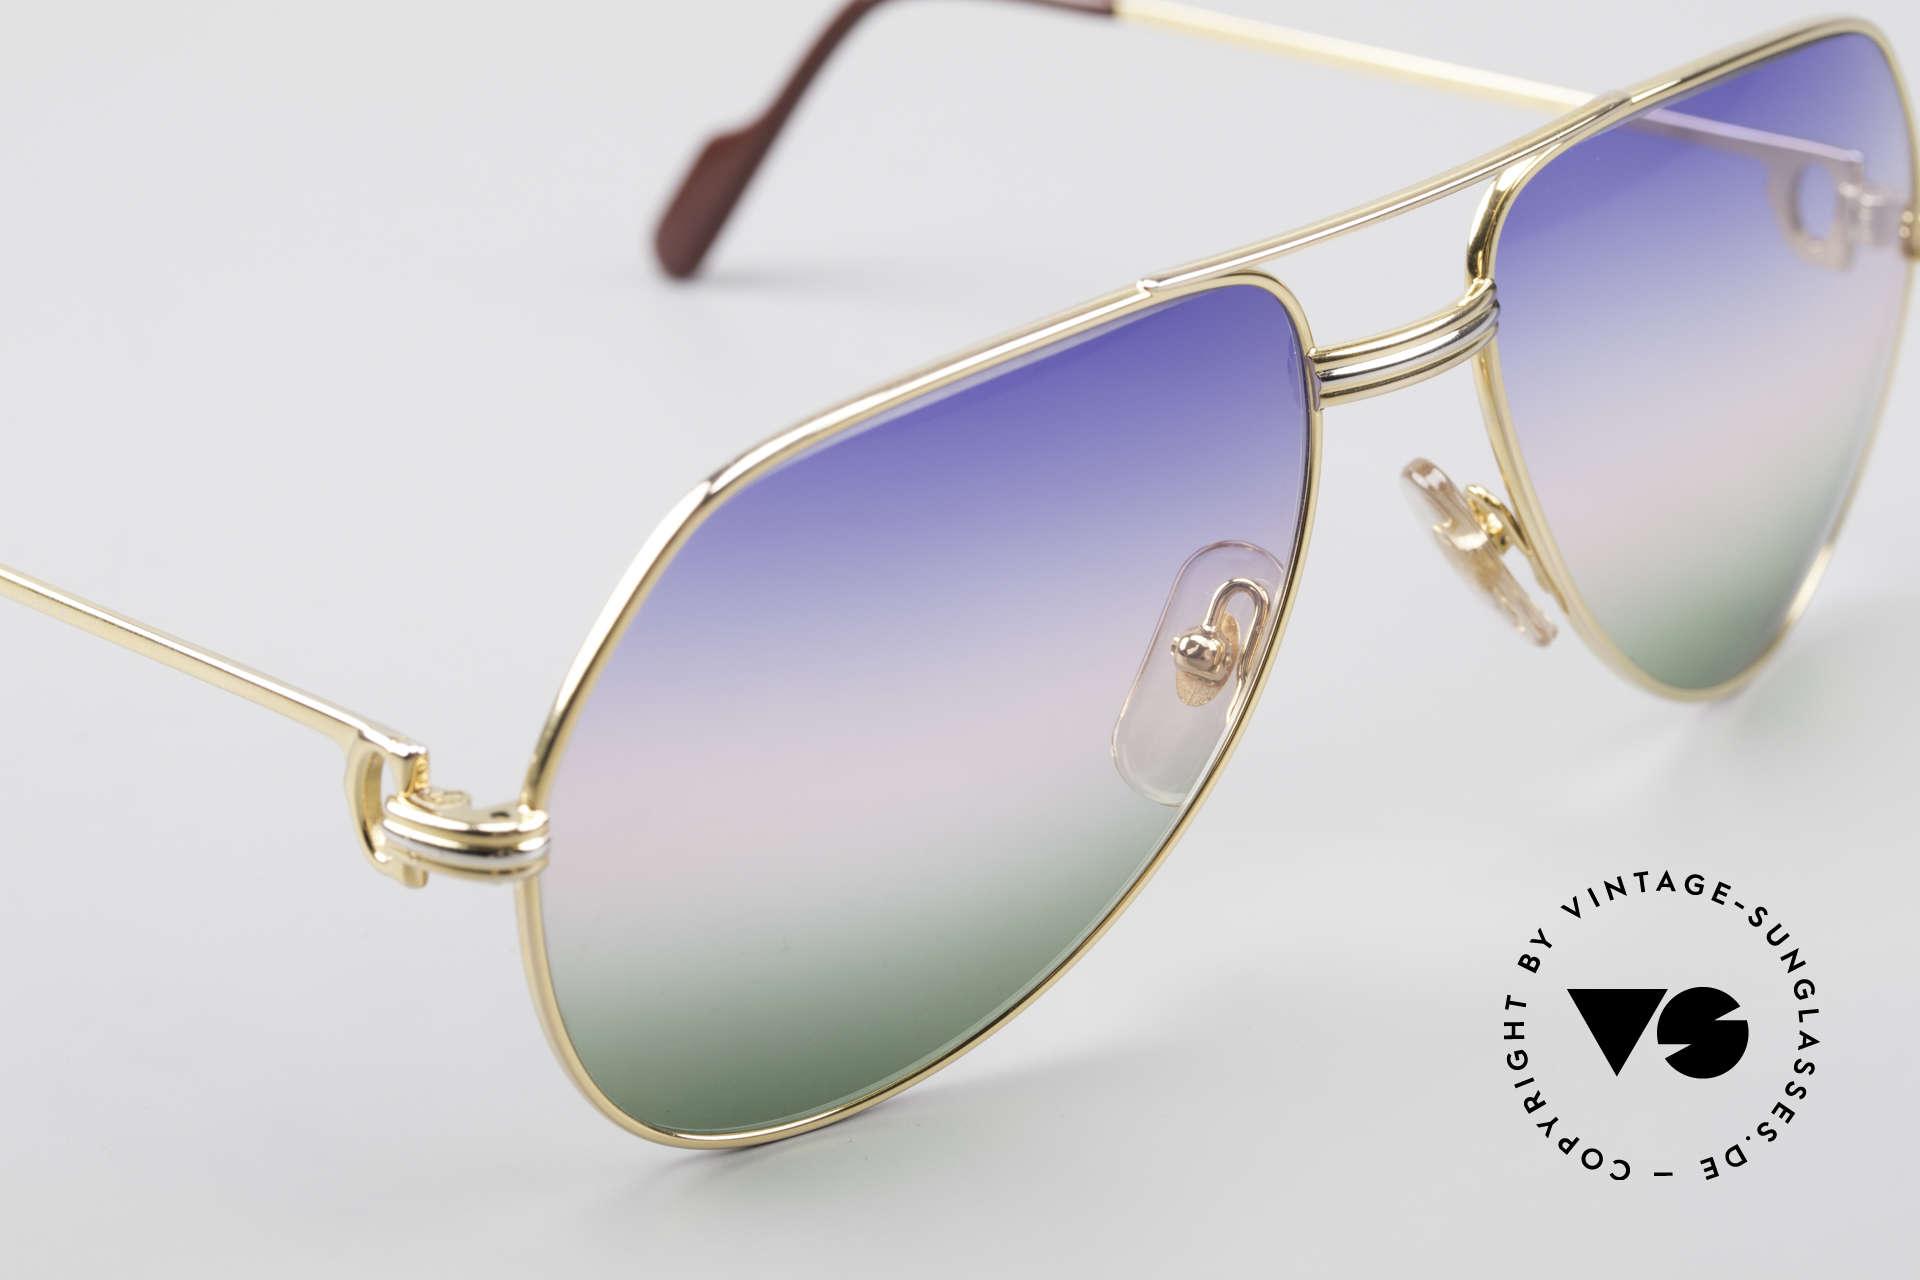 Cartier Vendome LC - M Michael Douglas Sonnenbrille, Luxus-Fassung (22kt) mit neuen tricolor Sonnengläsern, Passend für Herren